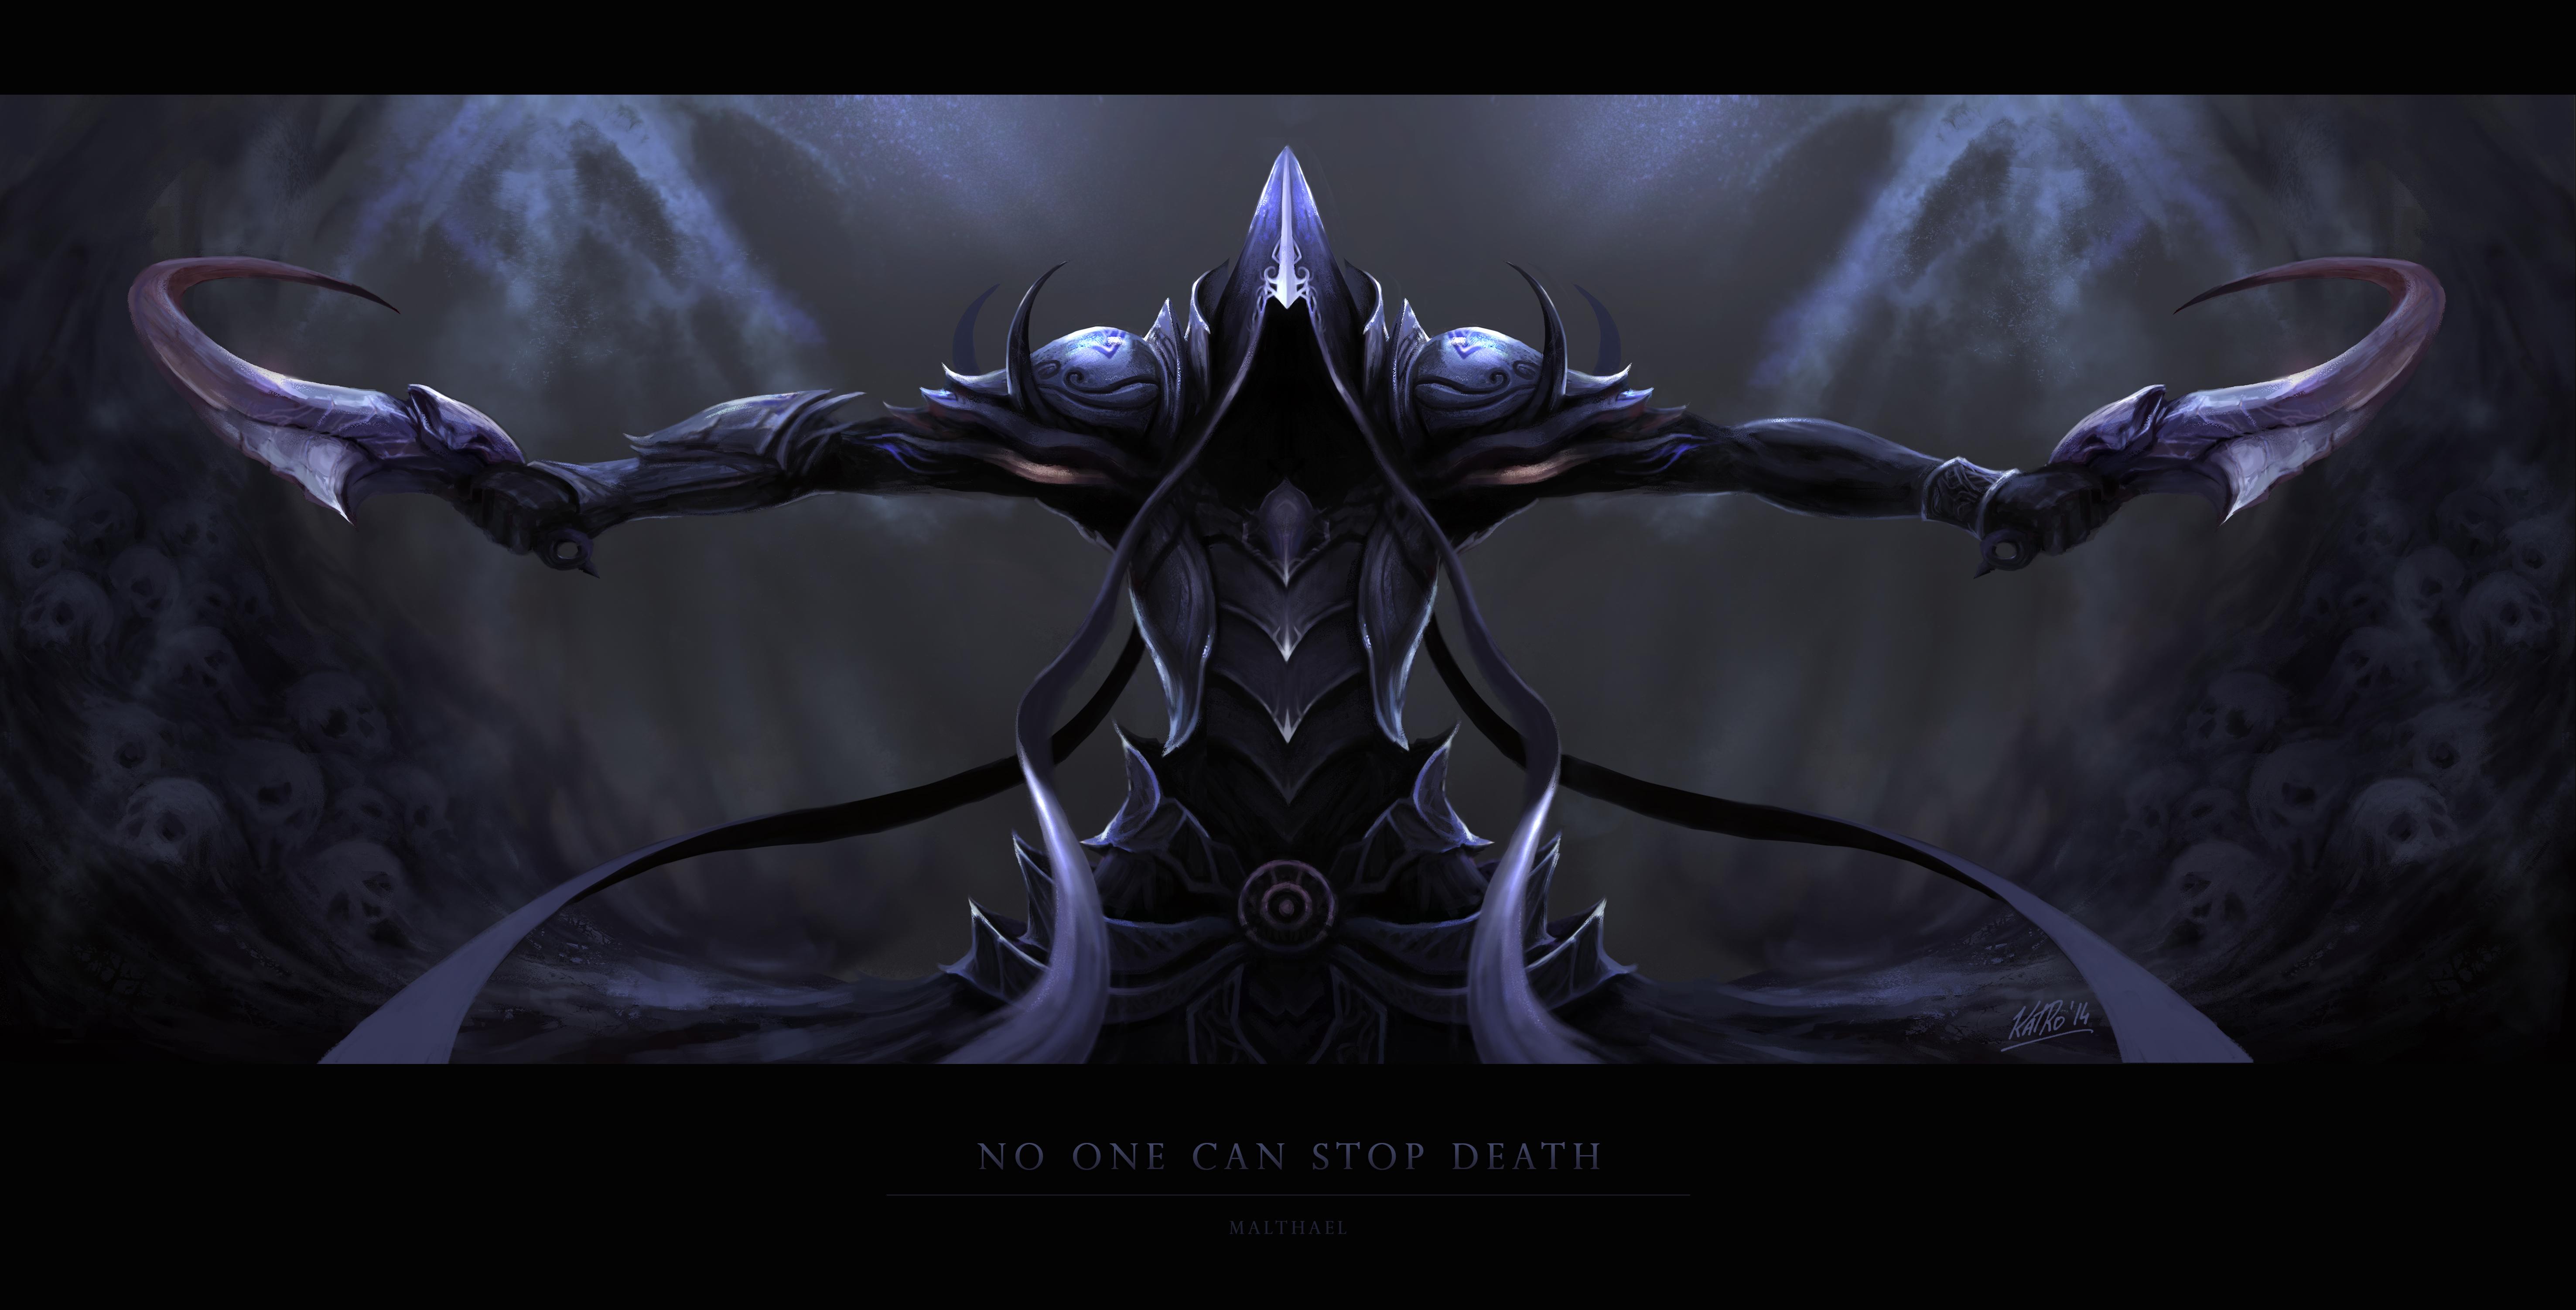 19 Mar 2012 ... Descargar Diablo 3 para PC por torrent gratis. El juego tiene lugar en Santuario,  un mundo de oscura fantasía. La mayoría de sus habitantes...